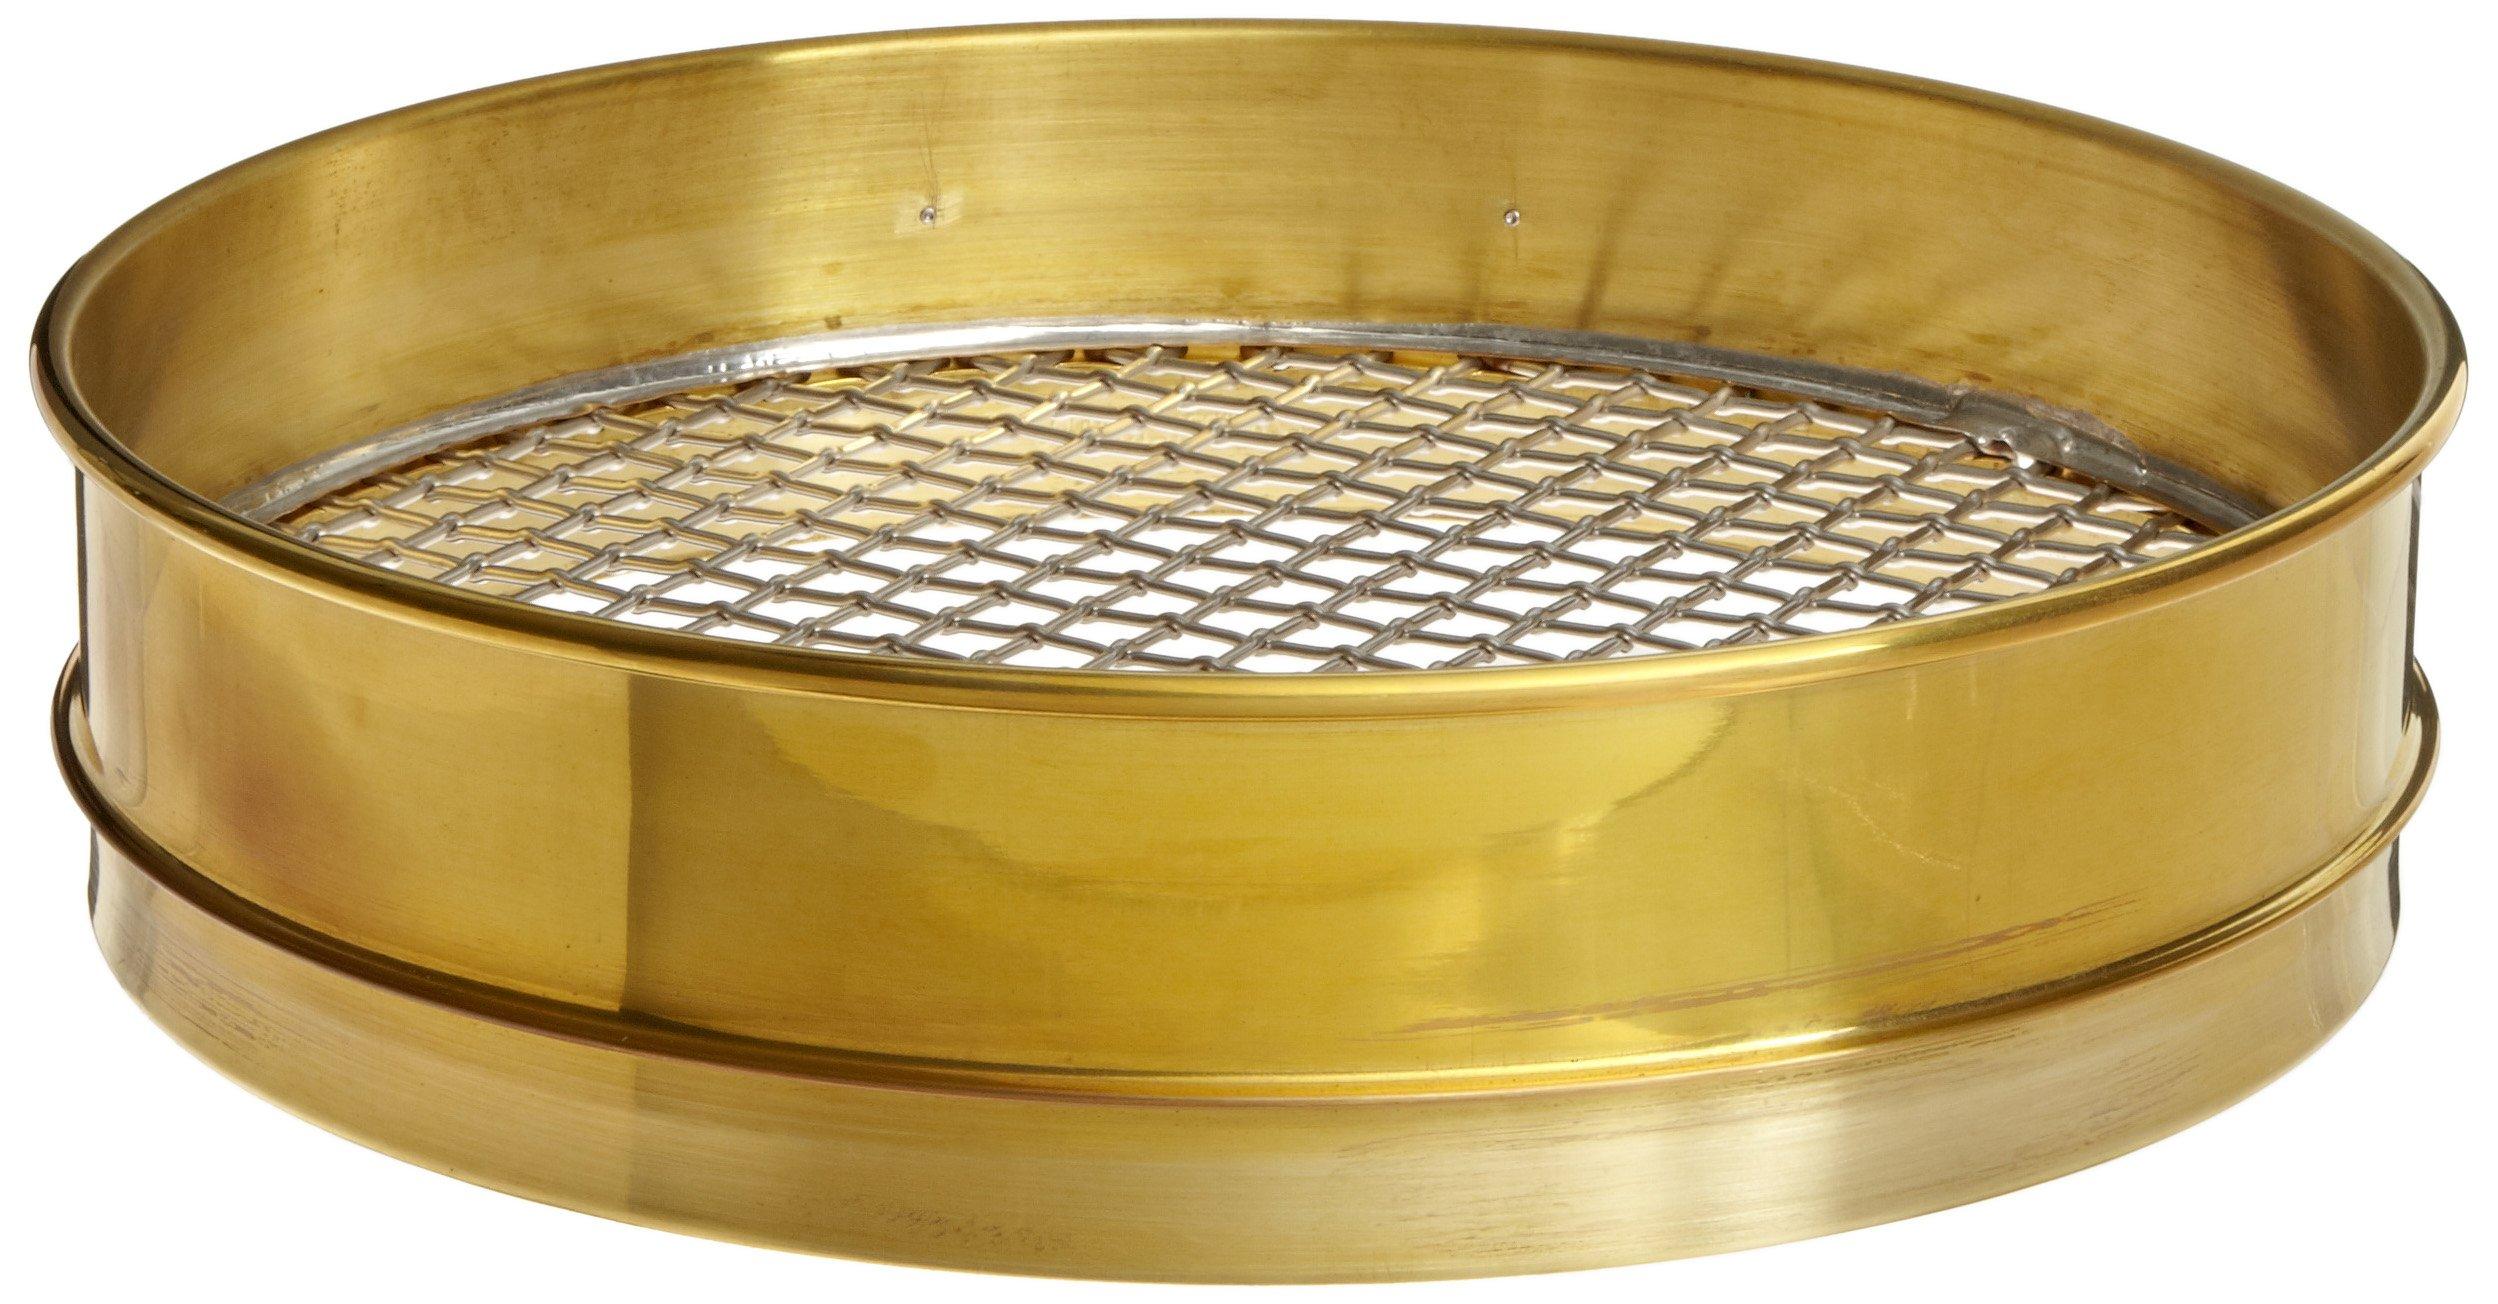 Advantech Brass Test Sieves, 12'' Diameter, 0.437'' Mesh, Intermediate Height